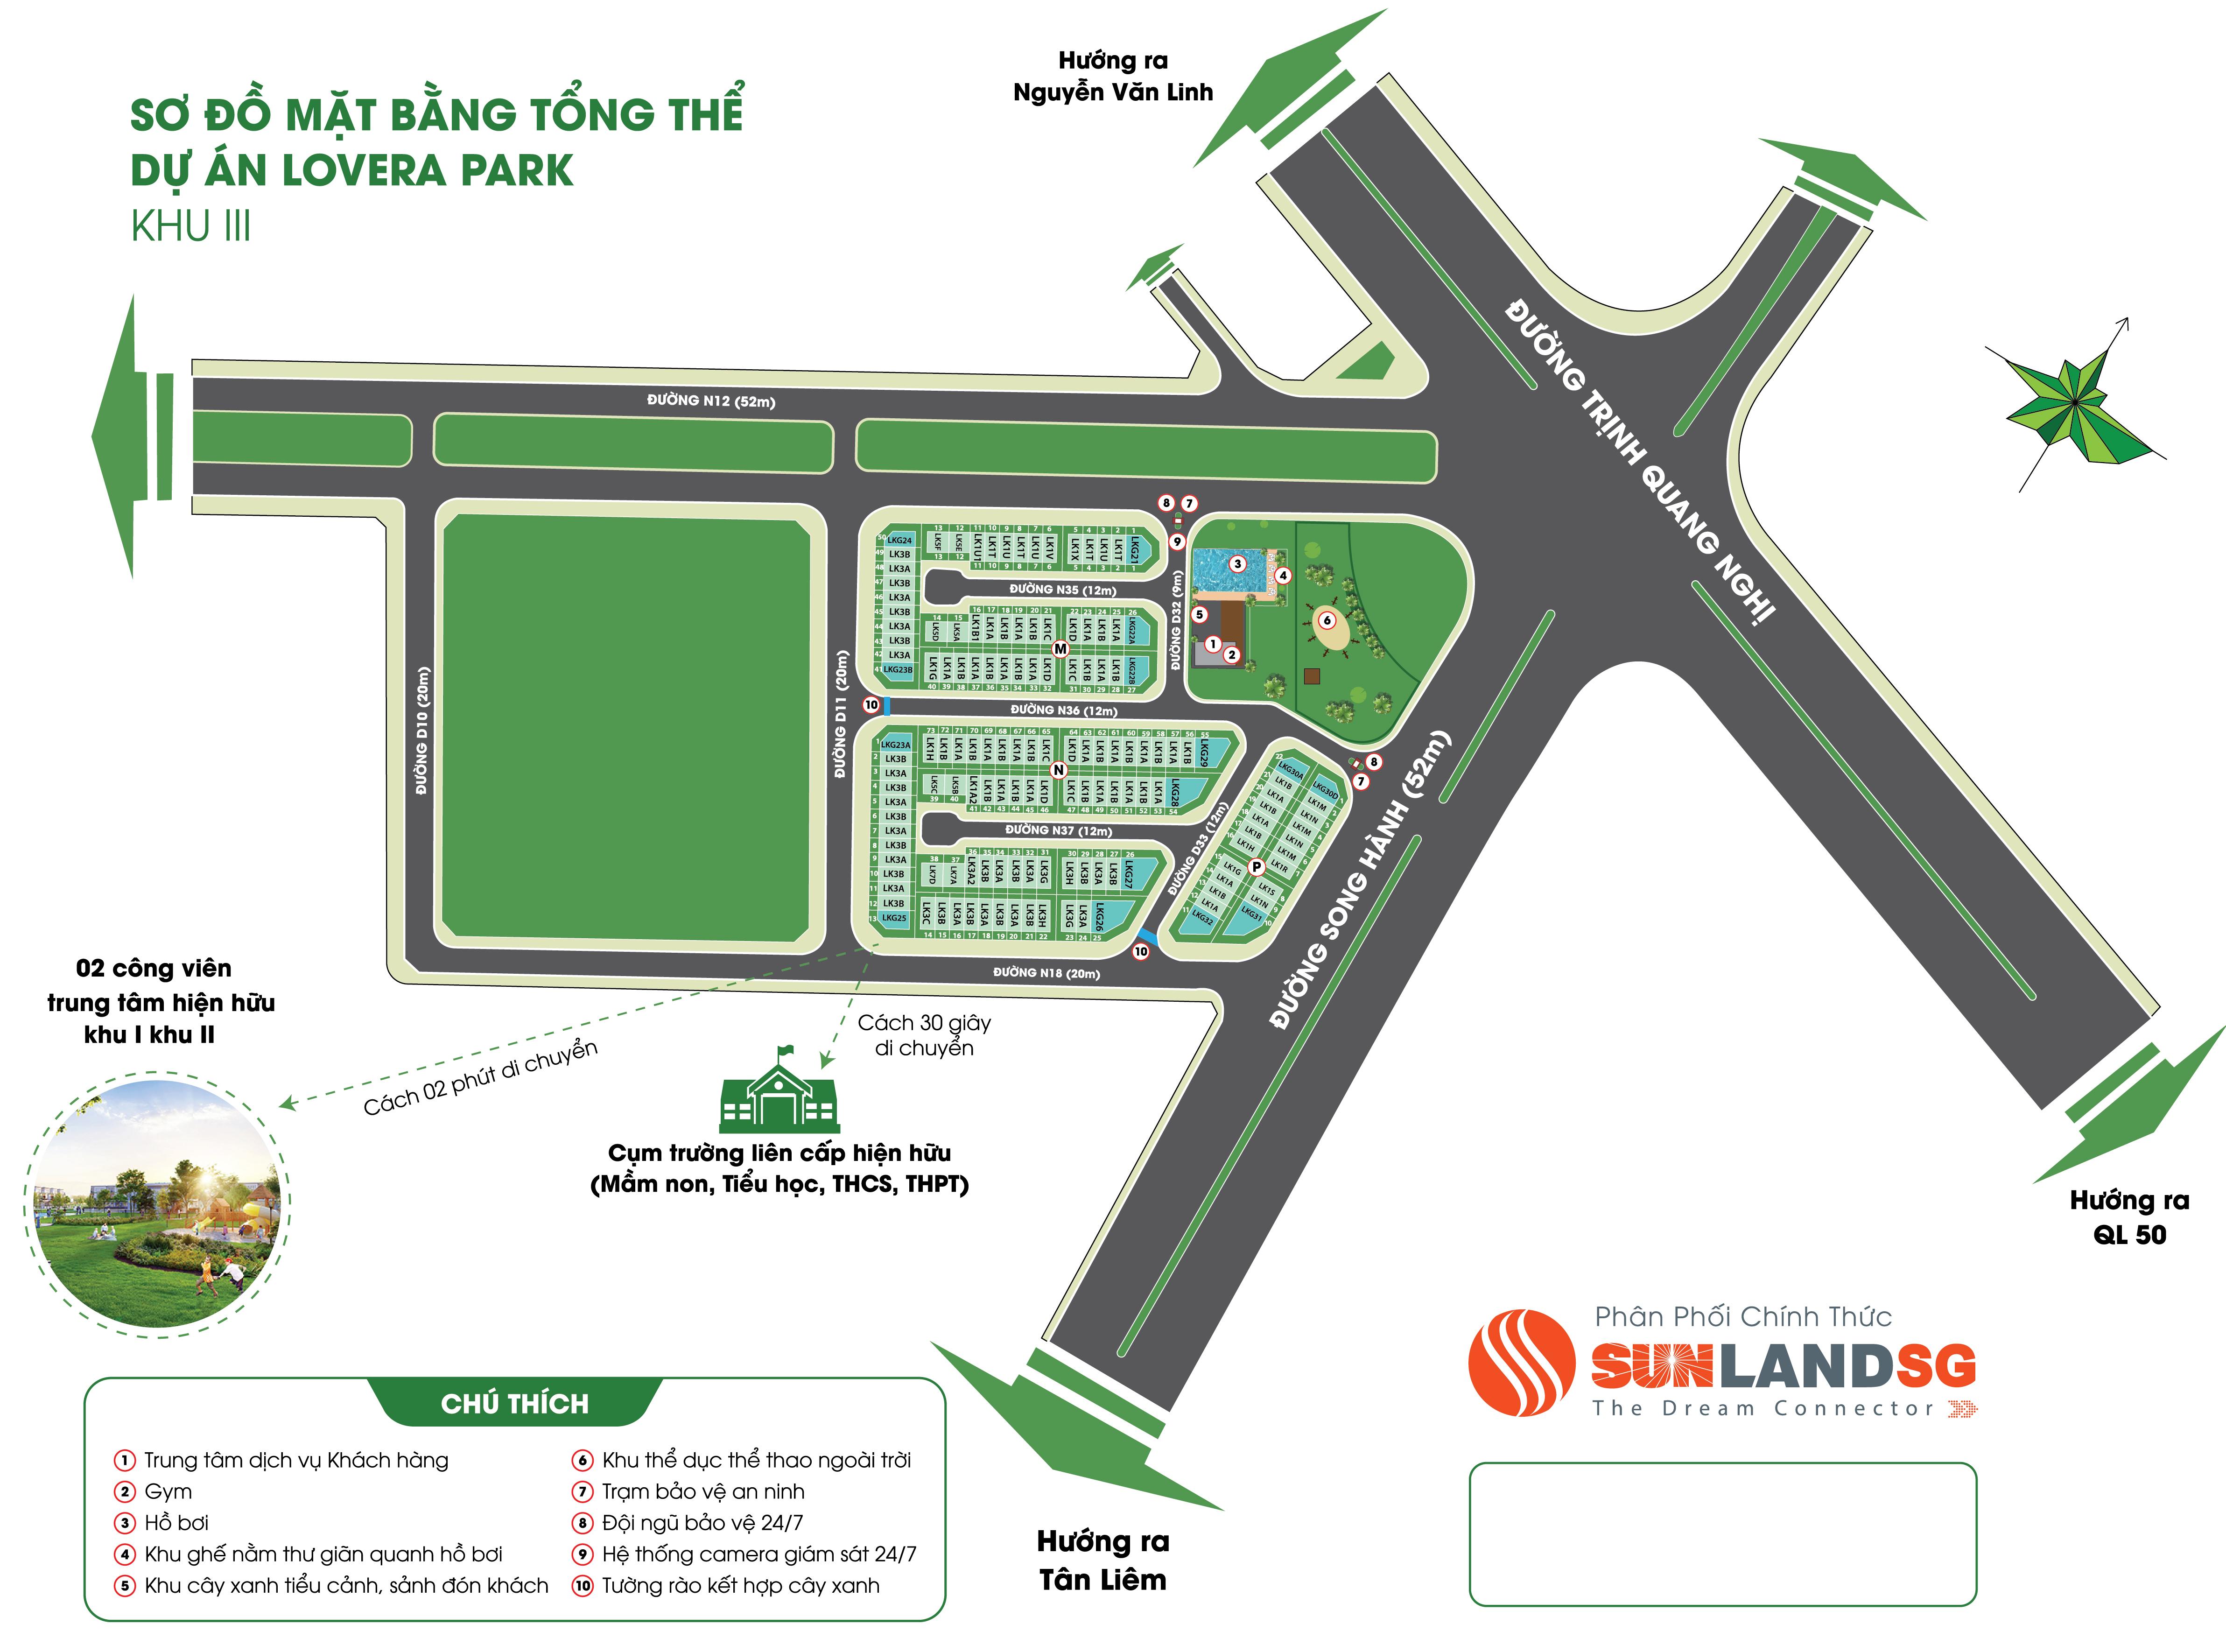 mở bán Khu 3 Lovera Park Khang Điền